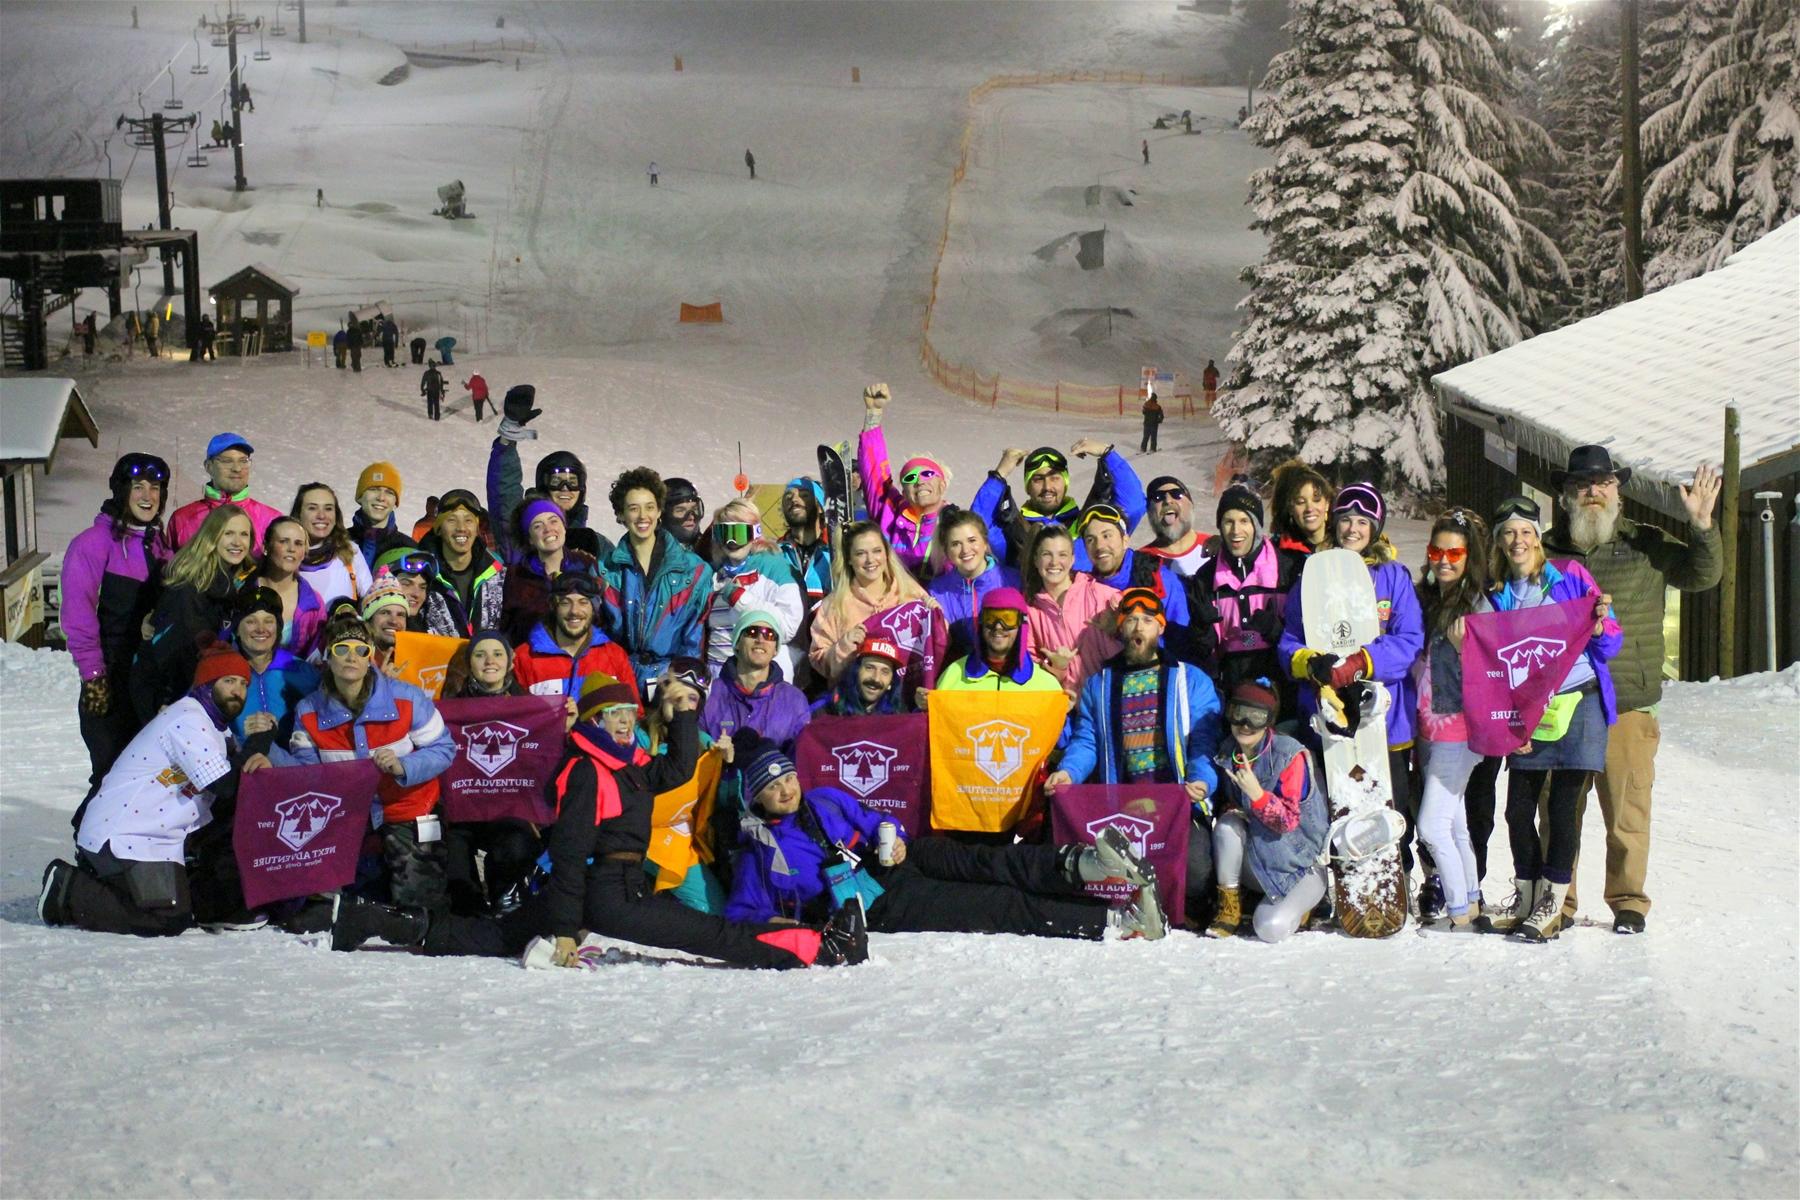 80's Night 2020 at Mt. Hood Skibowl